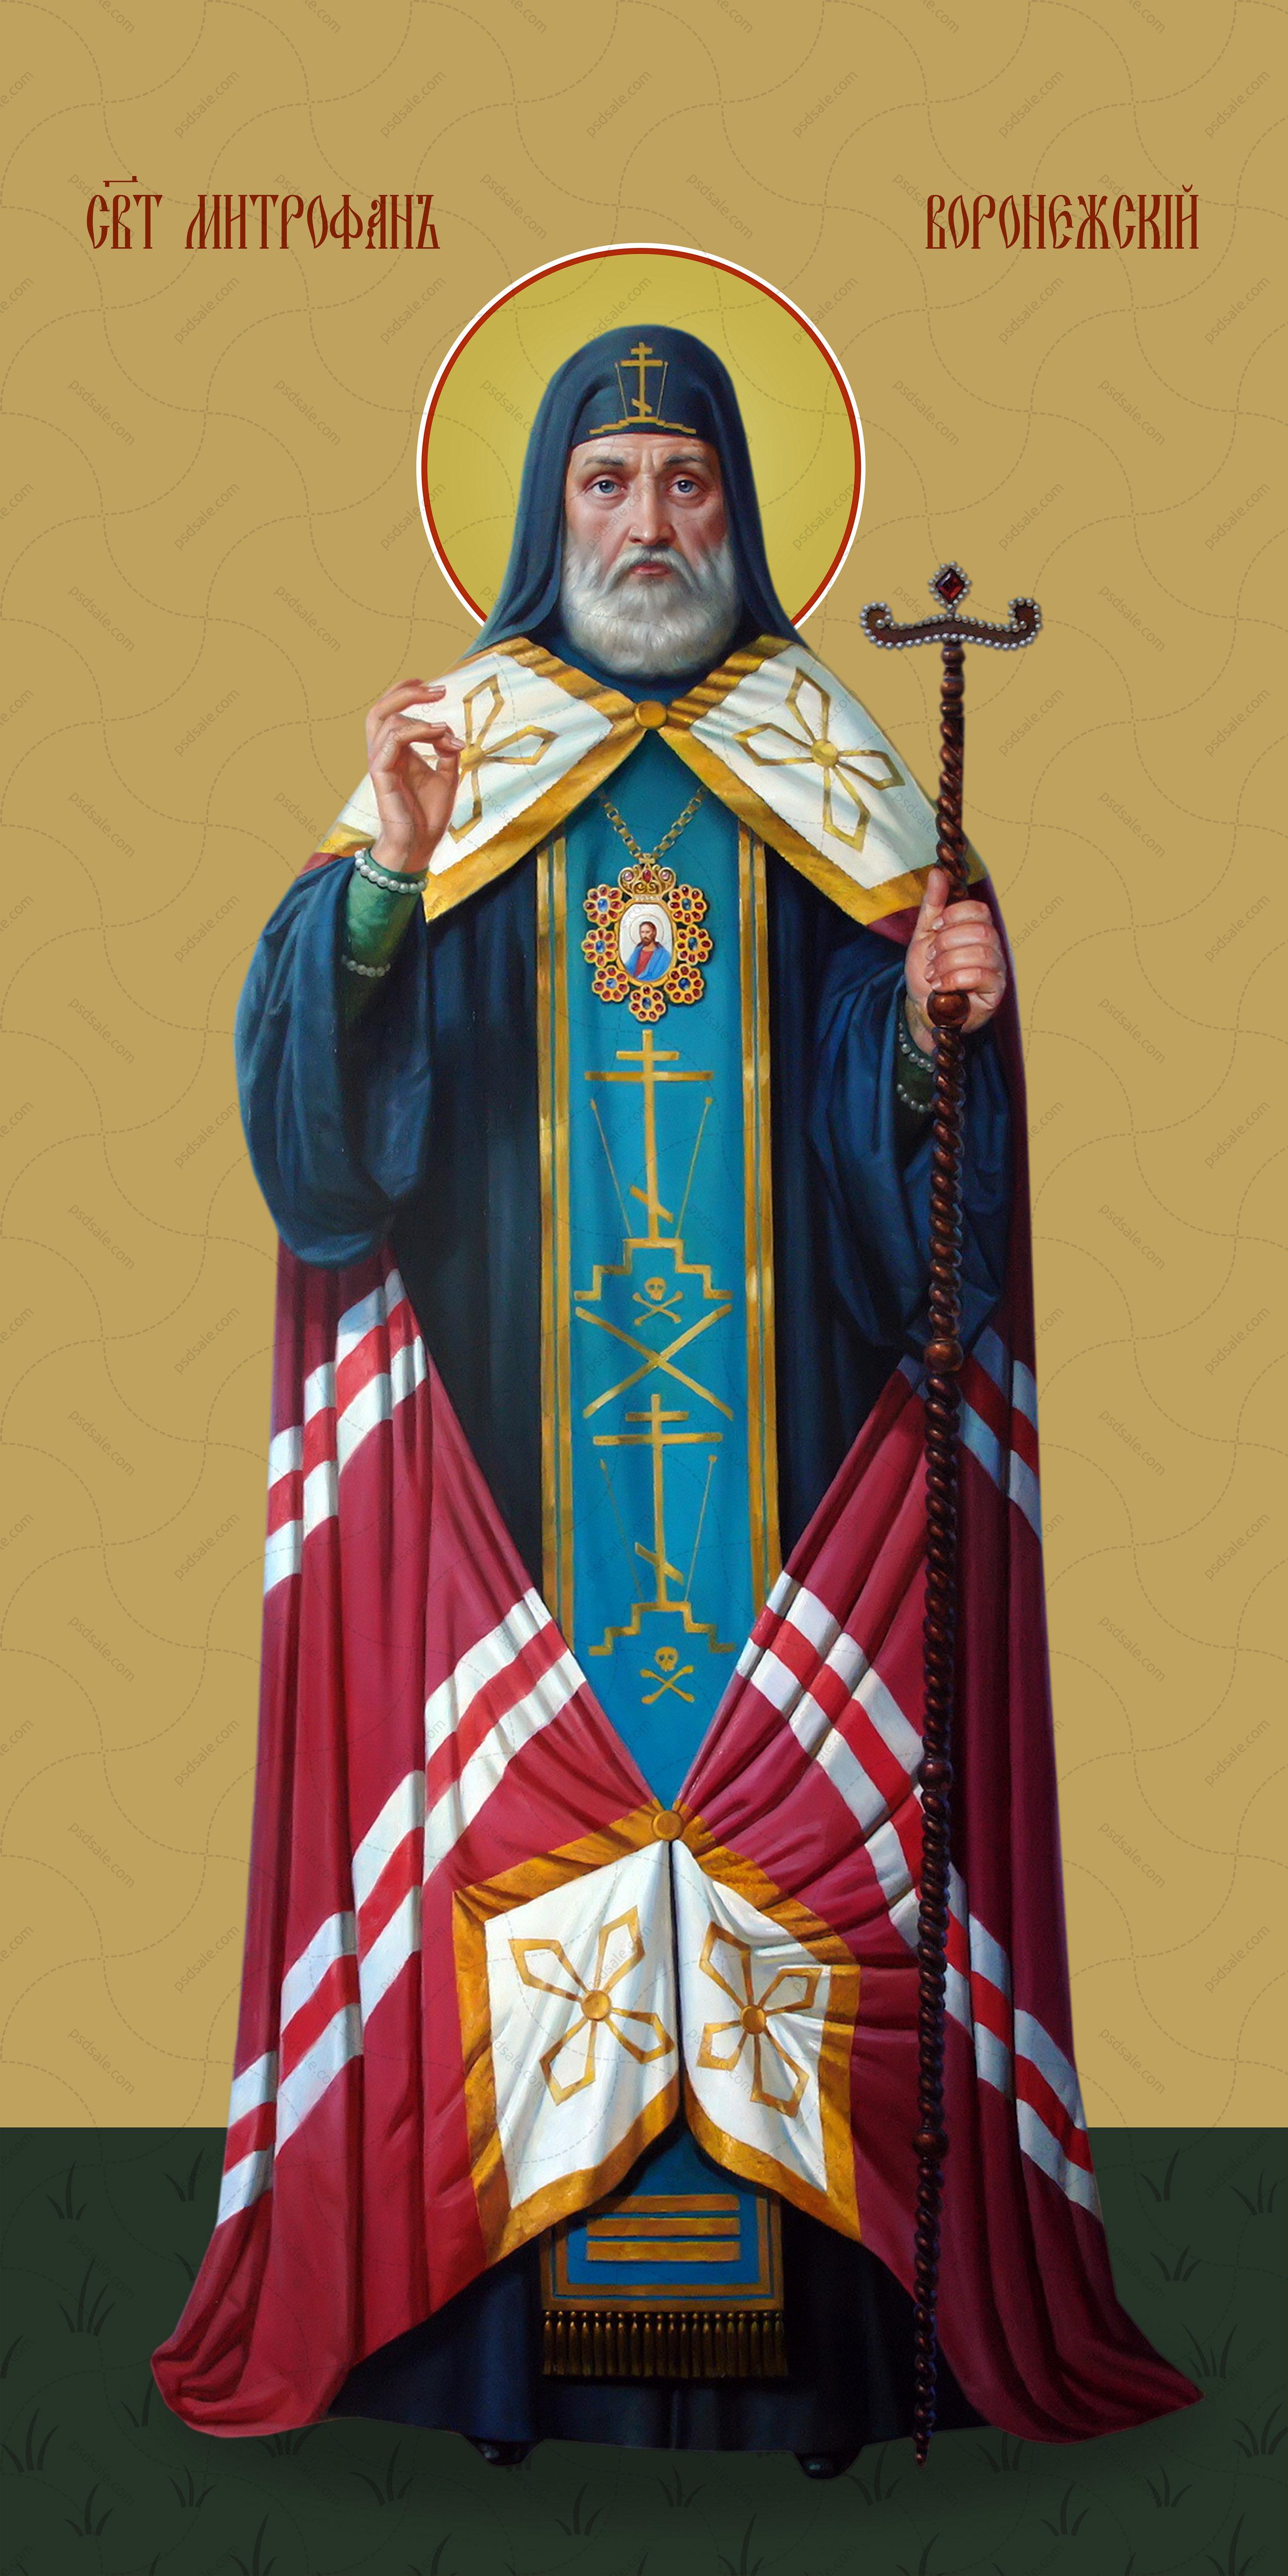 Мерная икона, Митрофан Воронежский, святитель